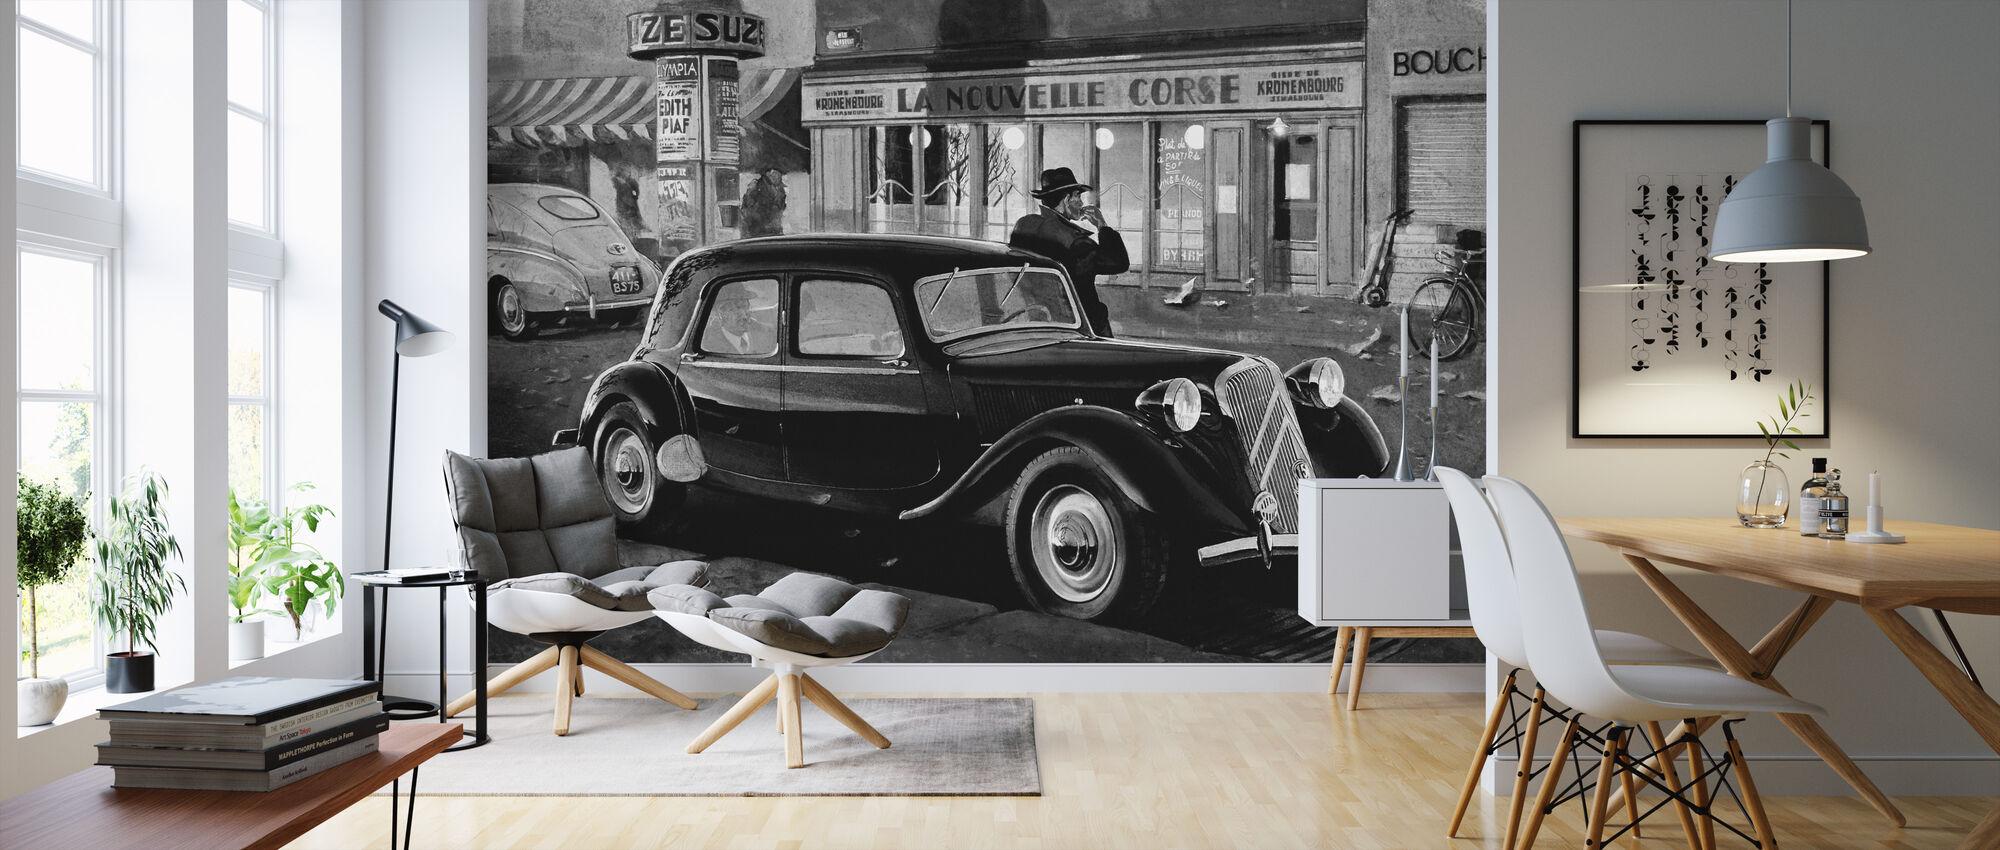 B15 in Paris BW - Wallpaper - Living Room